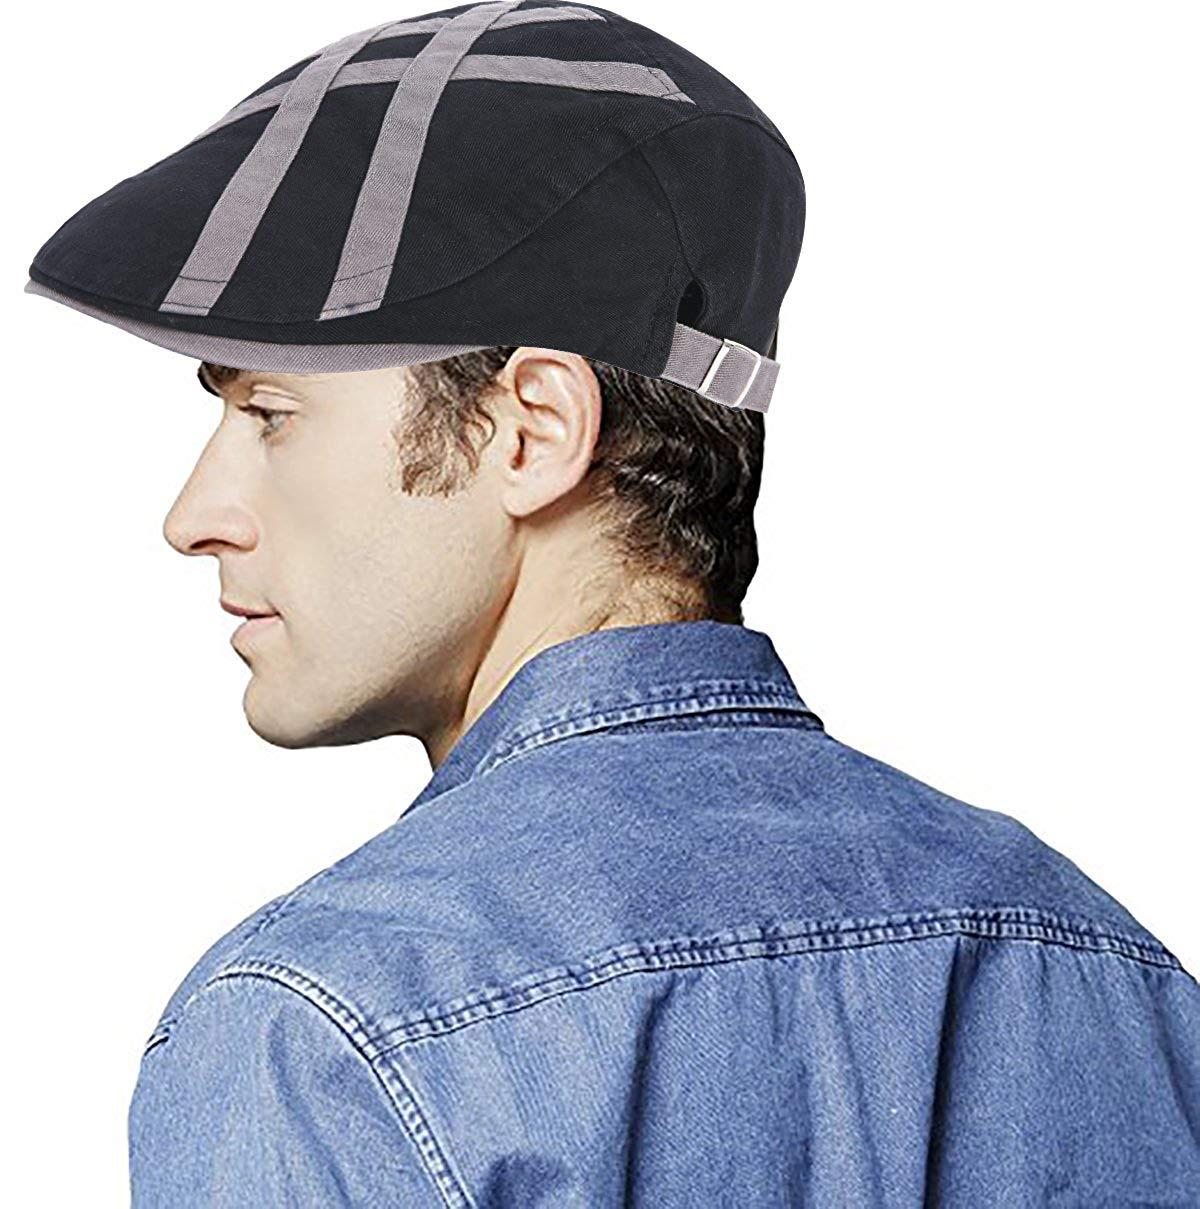 c319a155a2ed1 Get Quotations · UNIQUEBELLA Adjustable newsboy Cap IVY Flat Hat Gatsby  Golf Driver Beret Caps For Men   Women